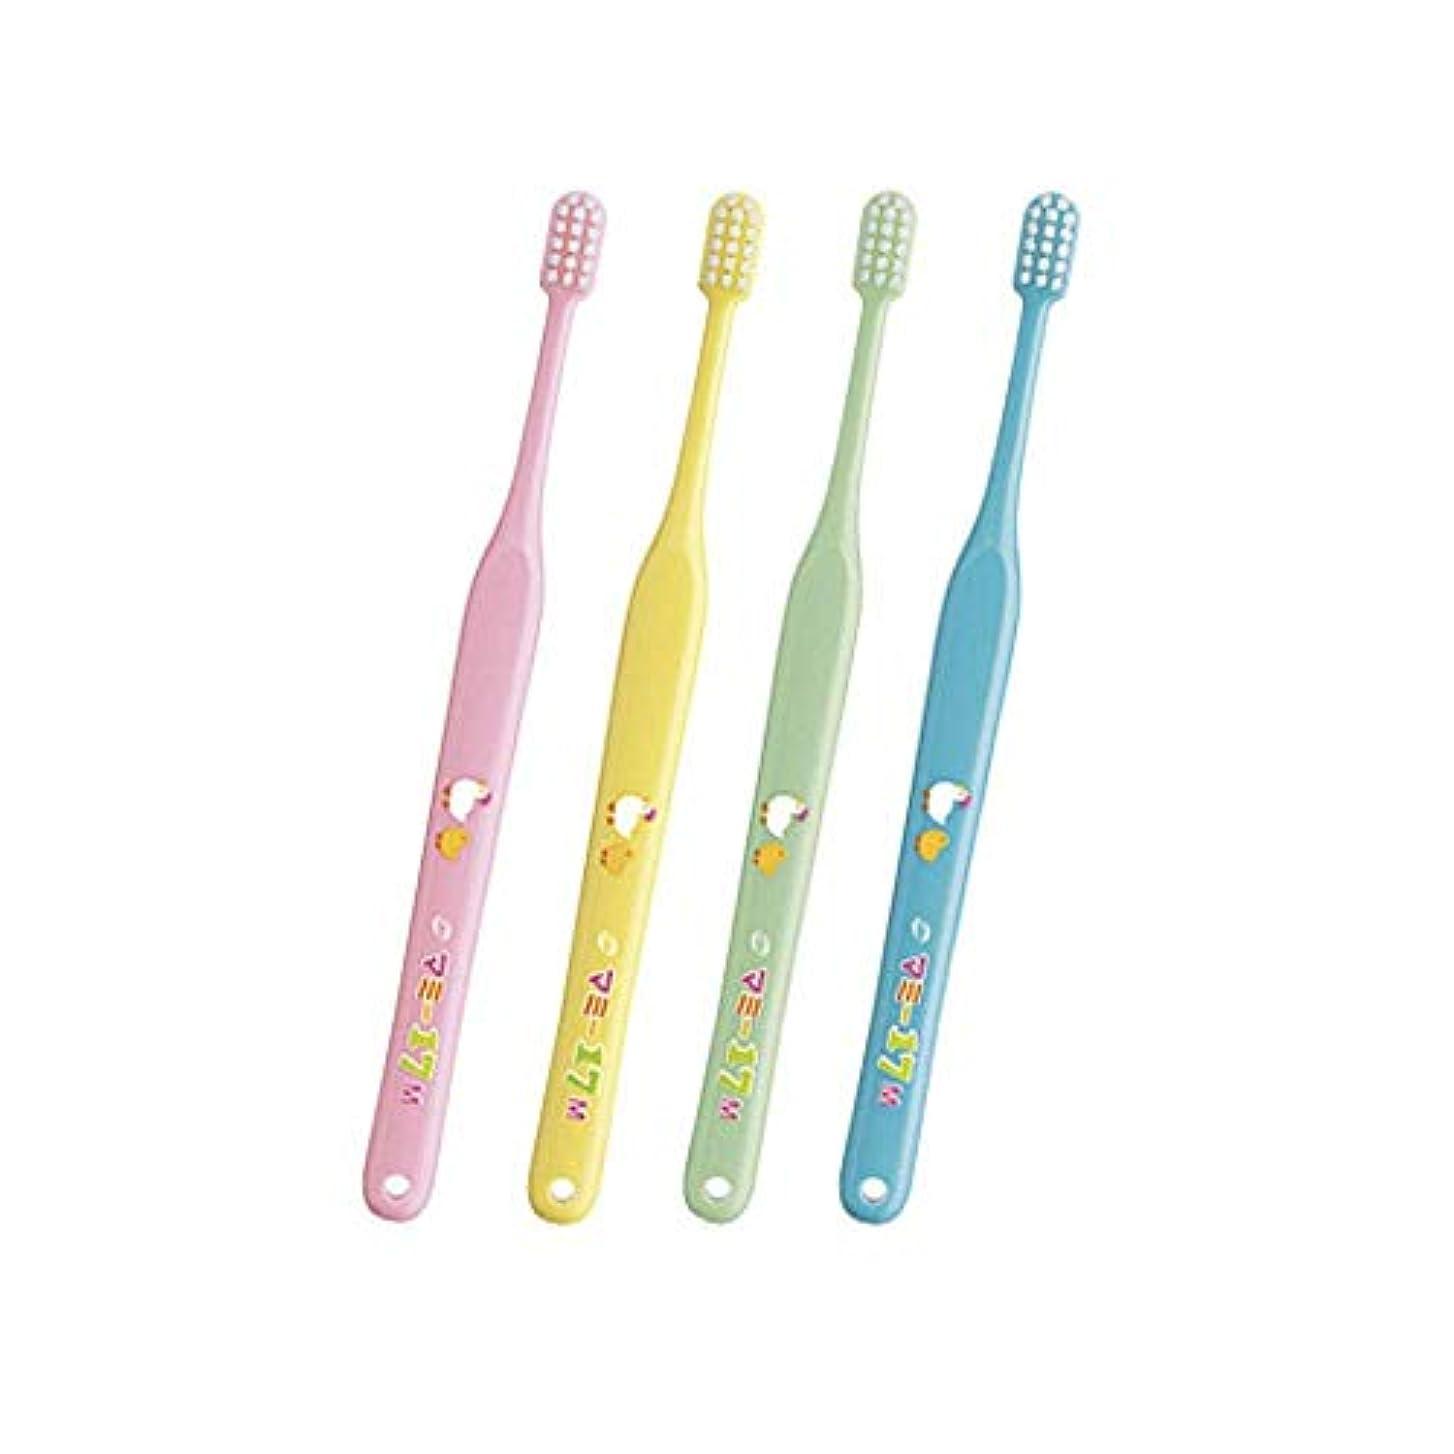 細断ペーストブレーキオーラルケア マミー17歯ブラシ 10本 アソート ミディアム(M)